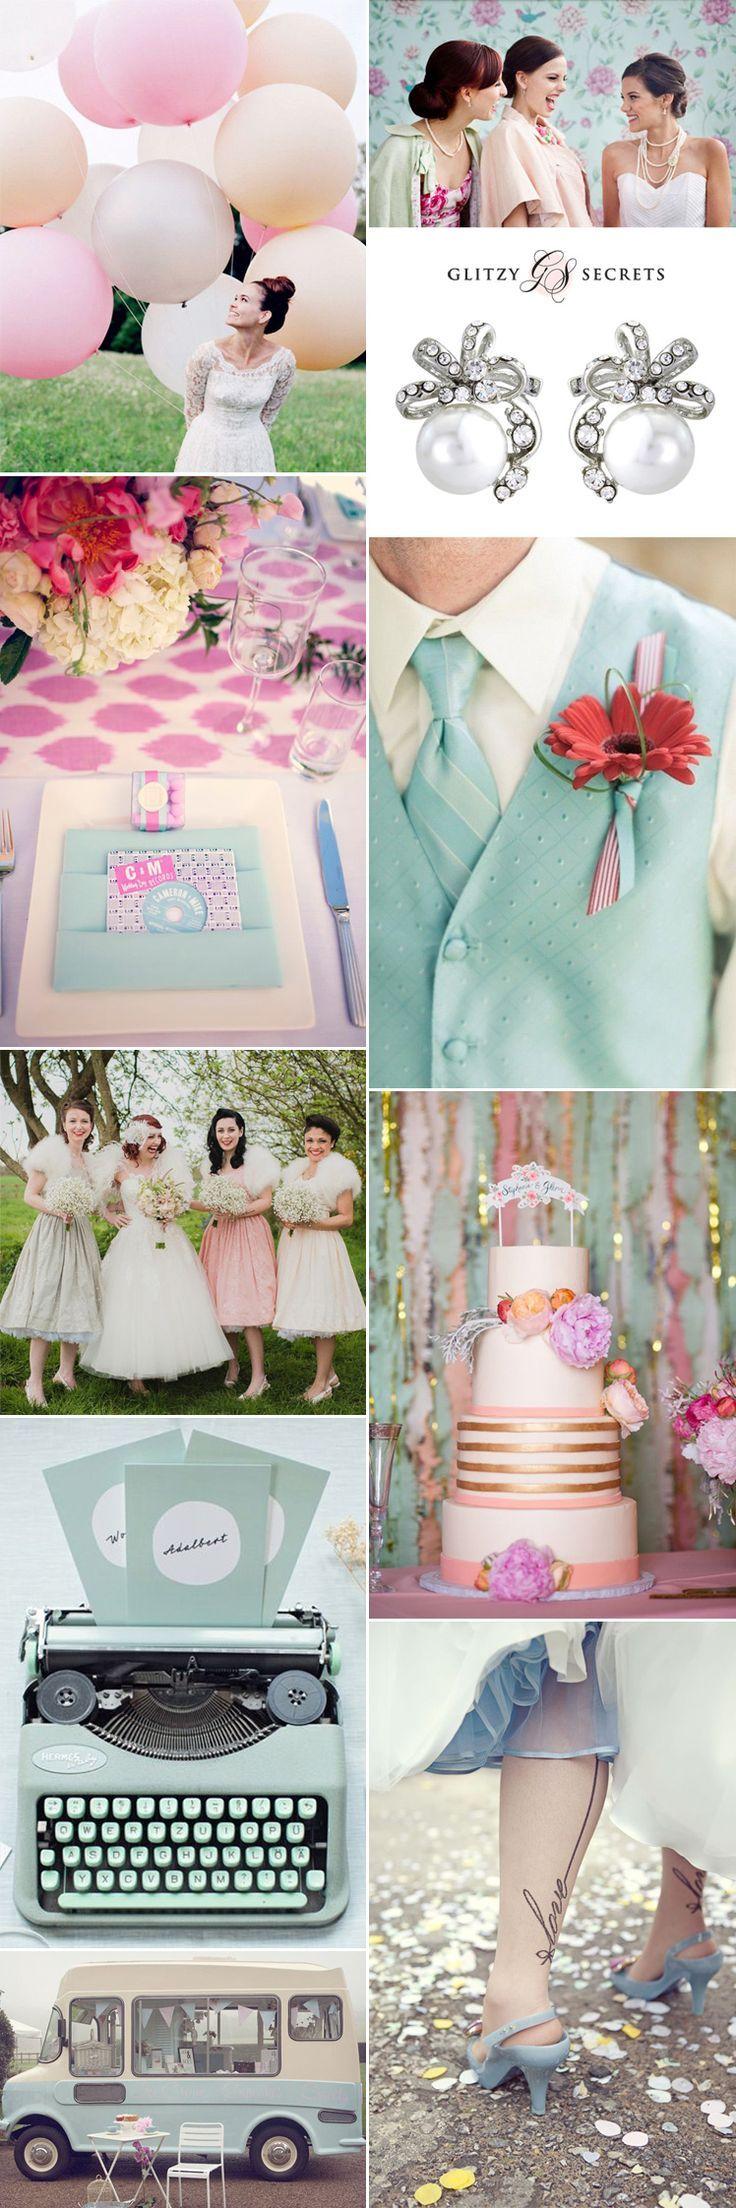 Pastels And Petticoats 1950s Wedding Ideas Nostalgic Wedding